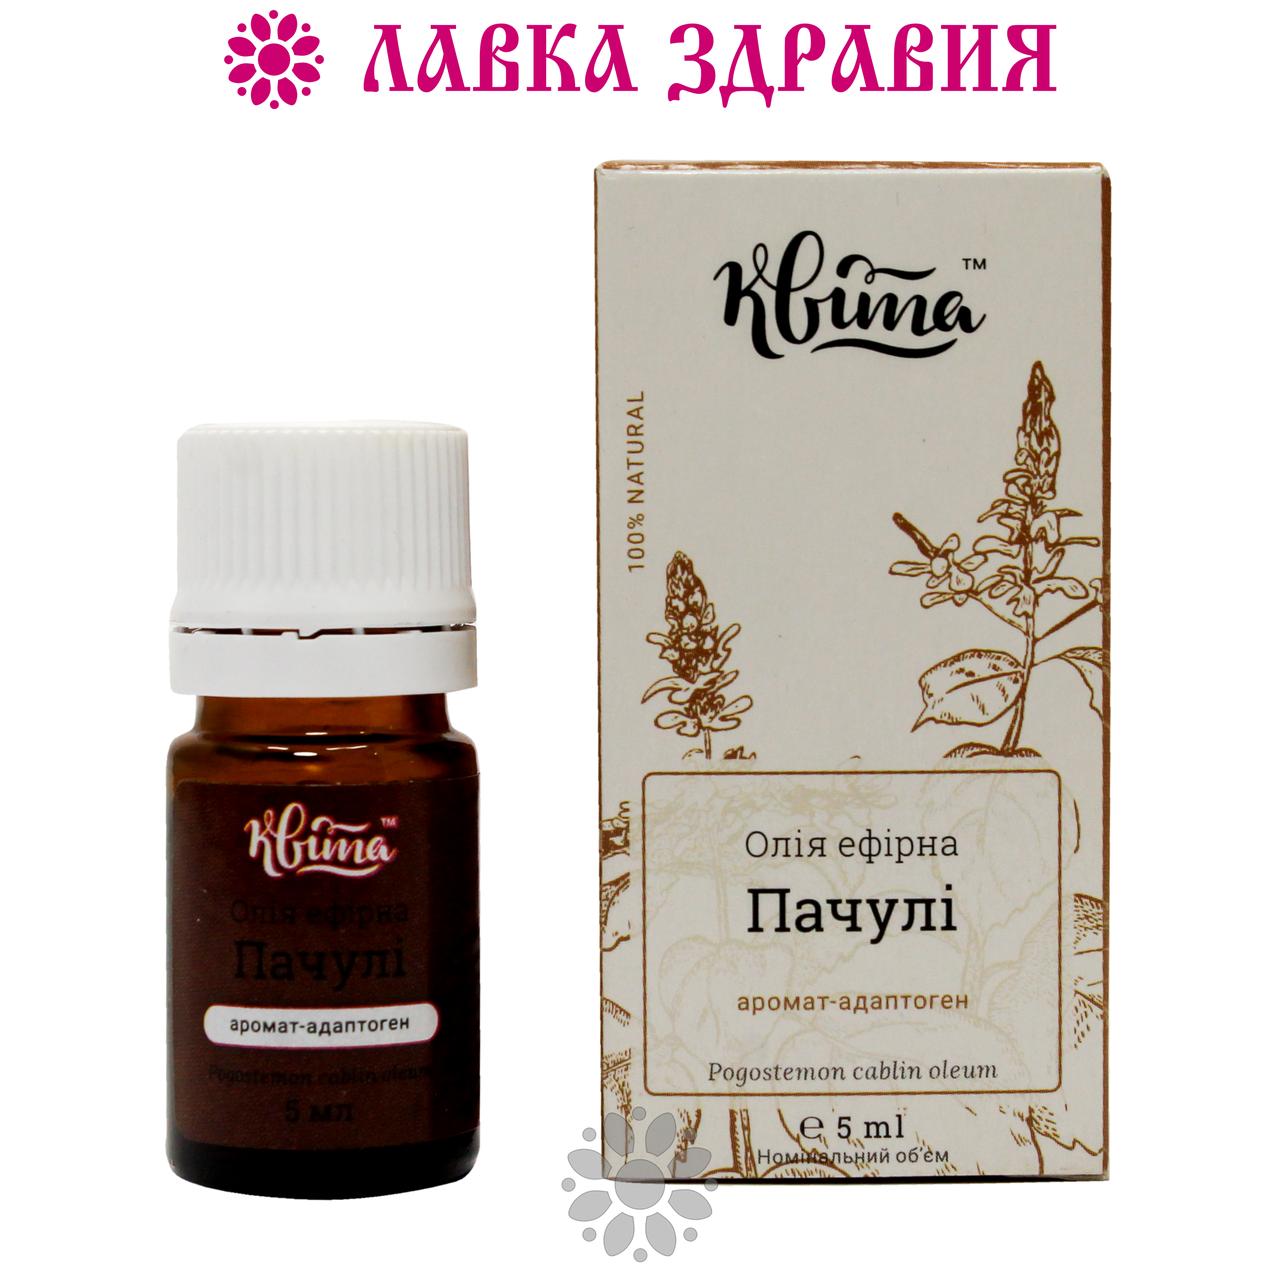 Ефірна олія Пачулі, 5 мл, Квіта